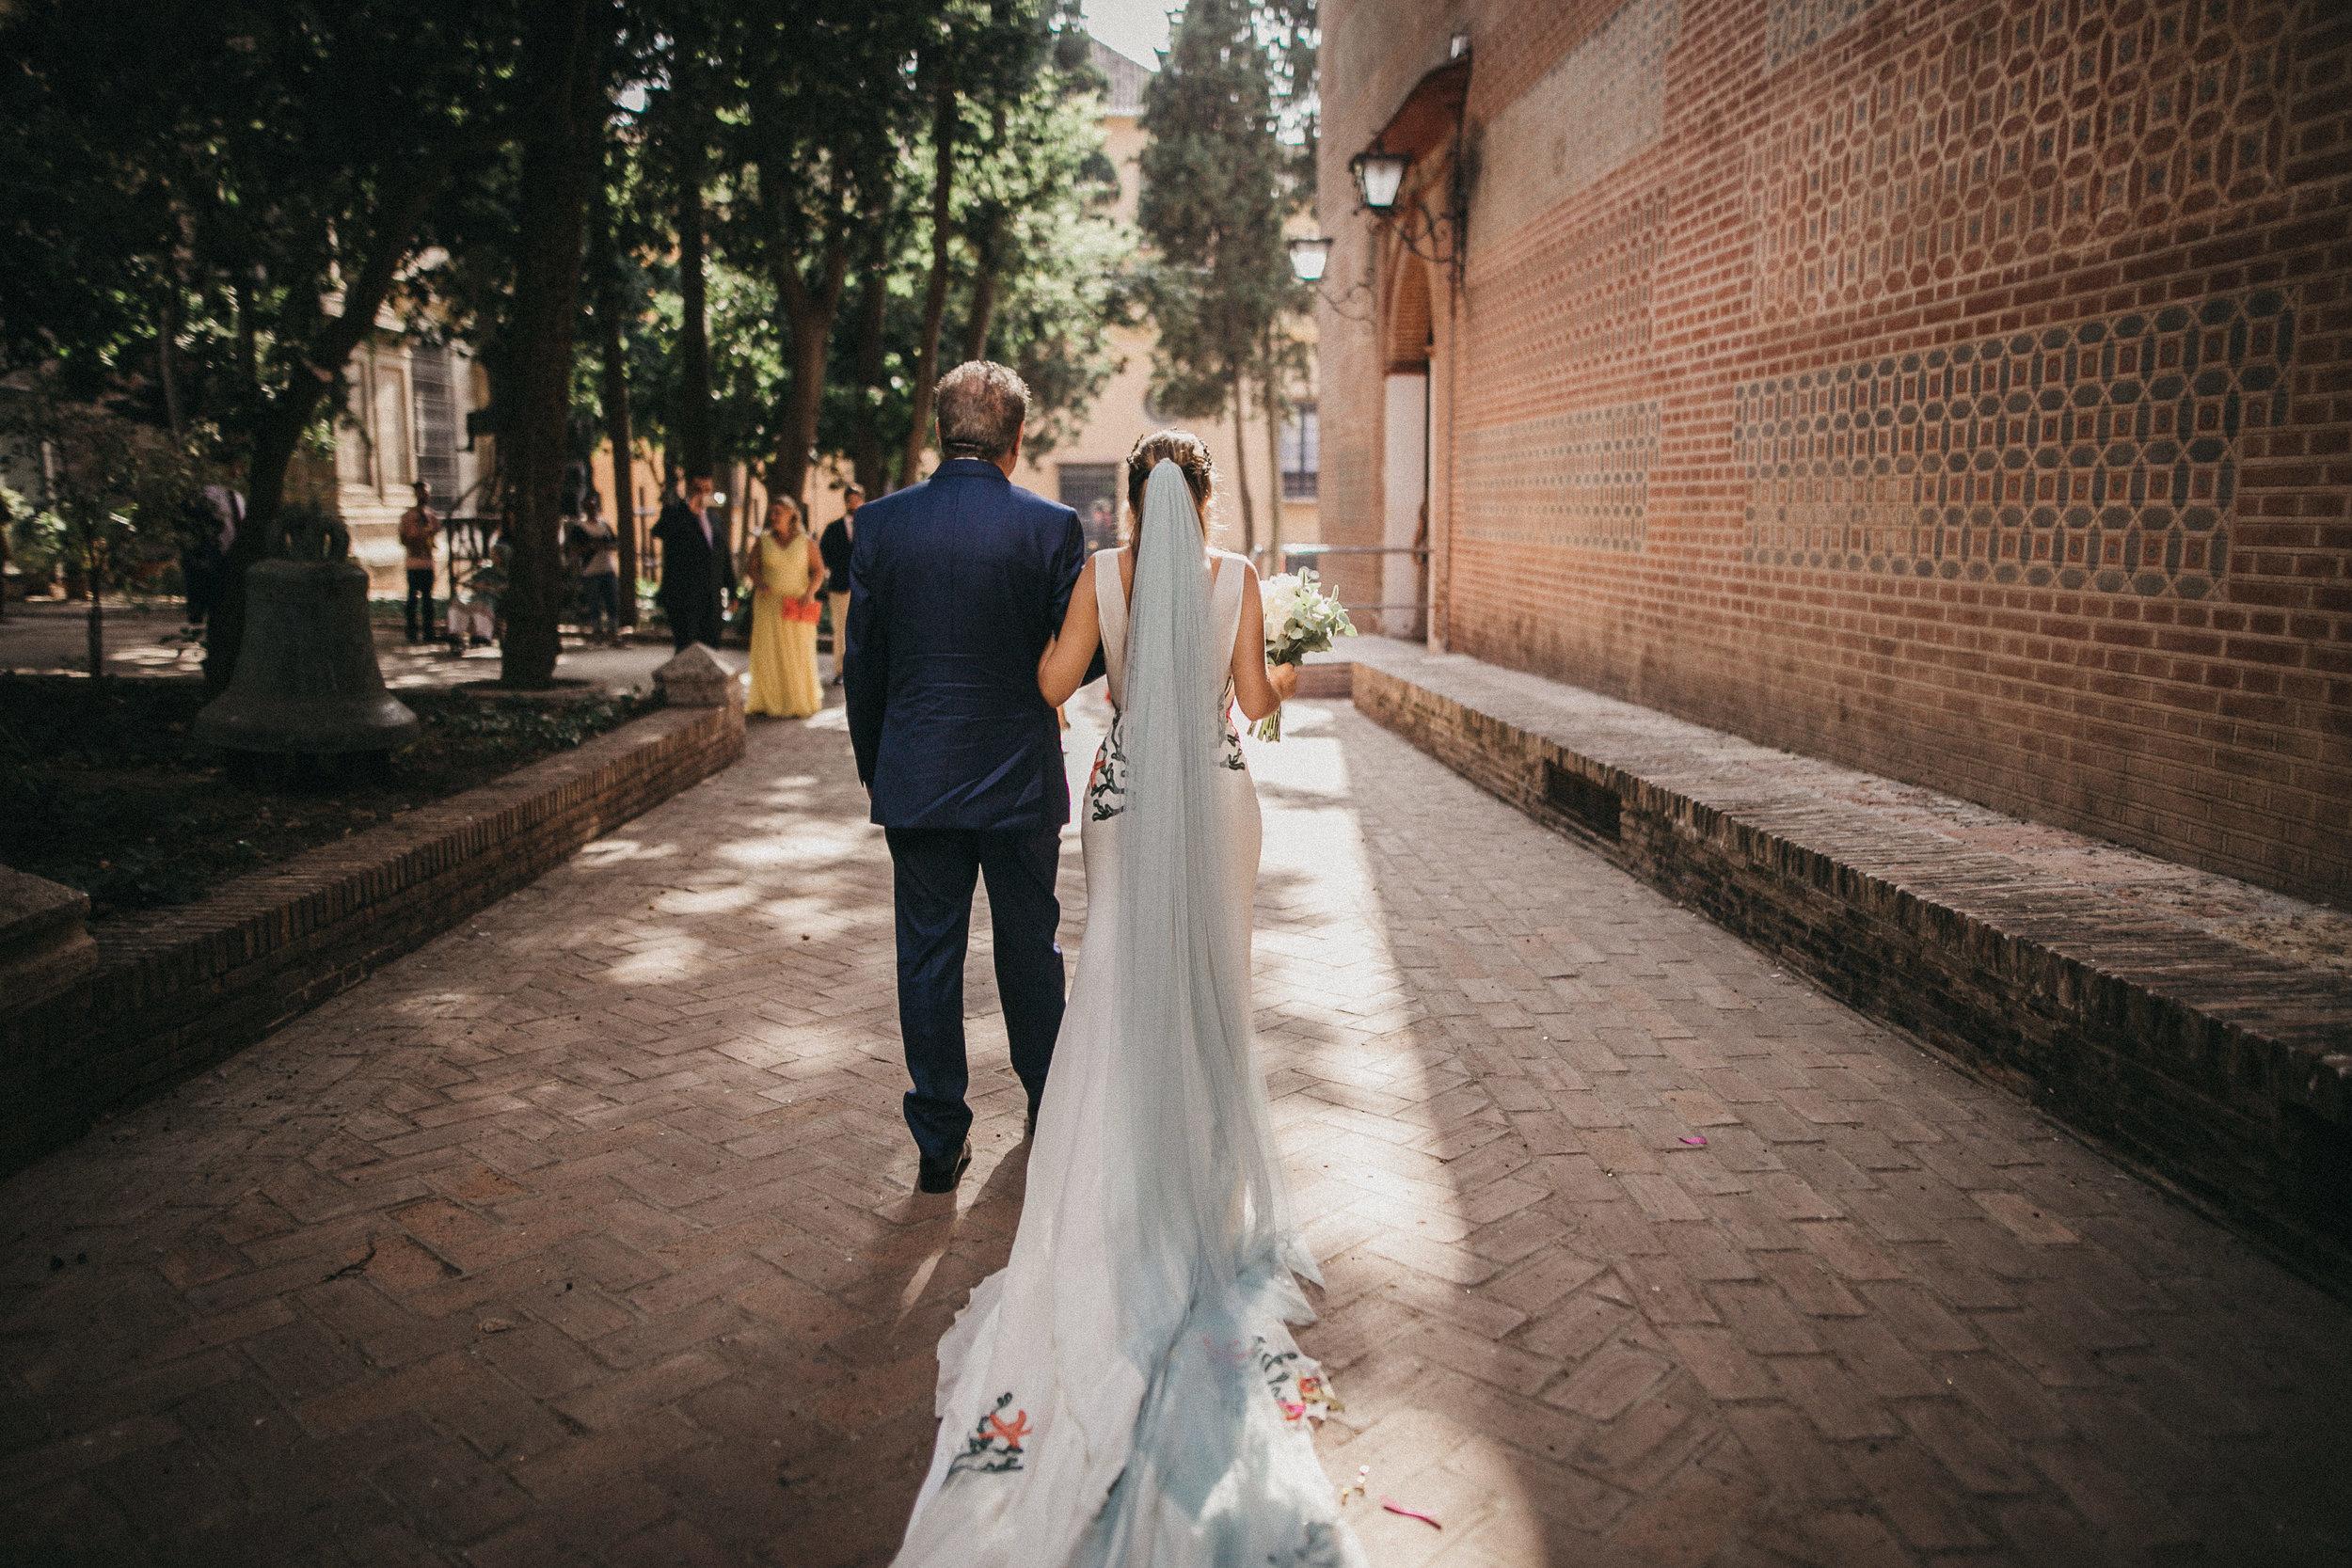 Fotografo de bodas españa serafin castillo wedding photographer spain 971.jpg